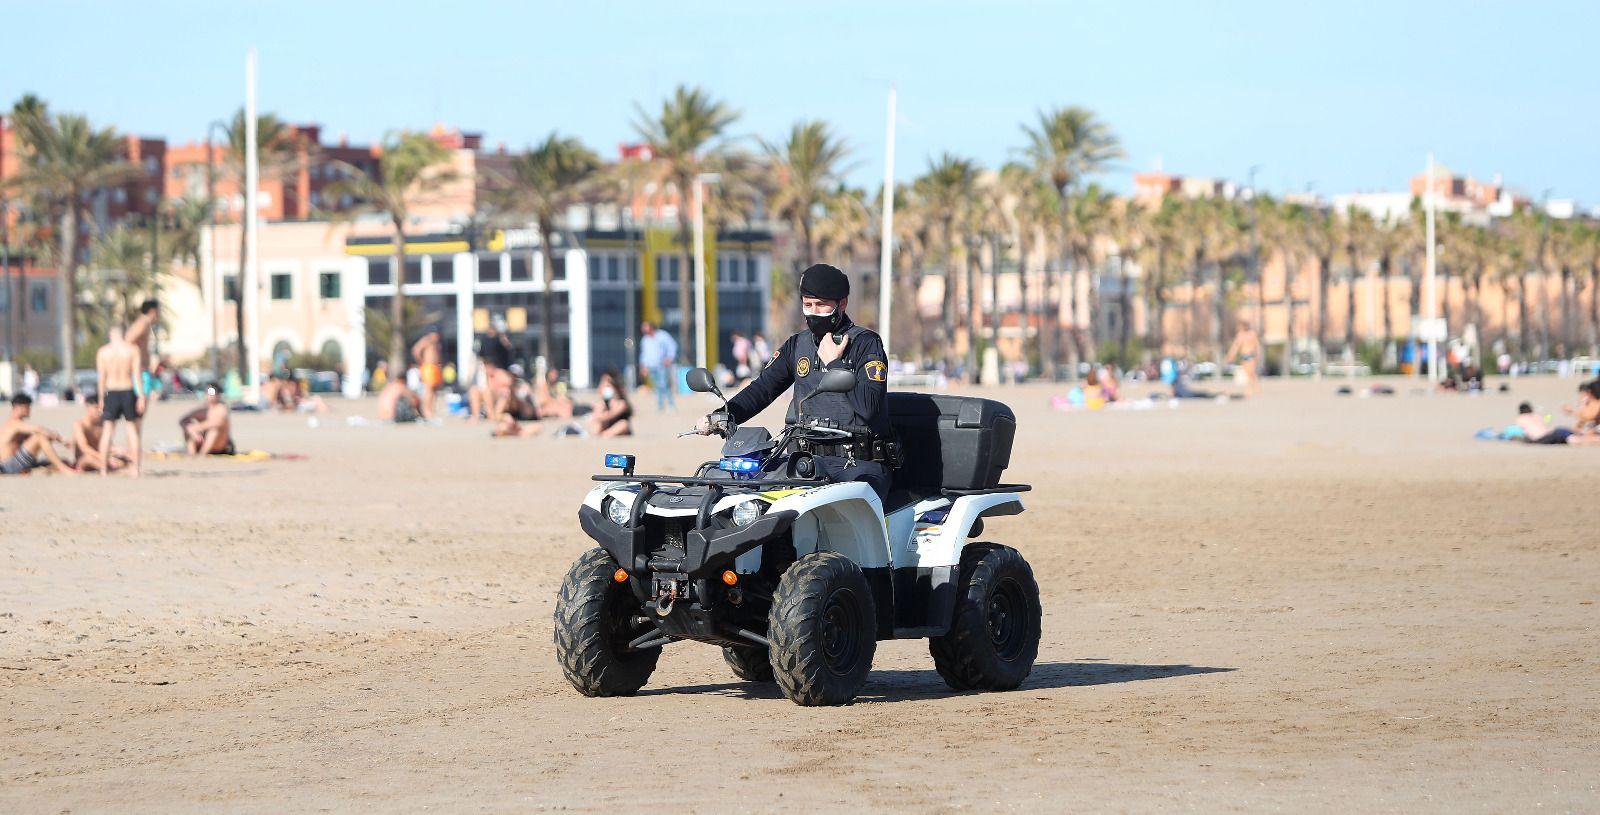 La playa de la Malva-rosa, blindada para evitar aglomeraciones